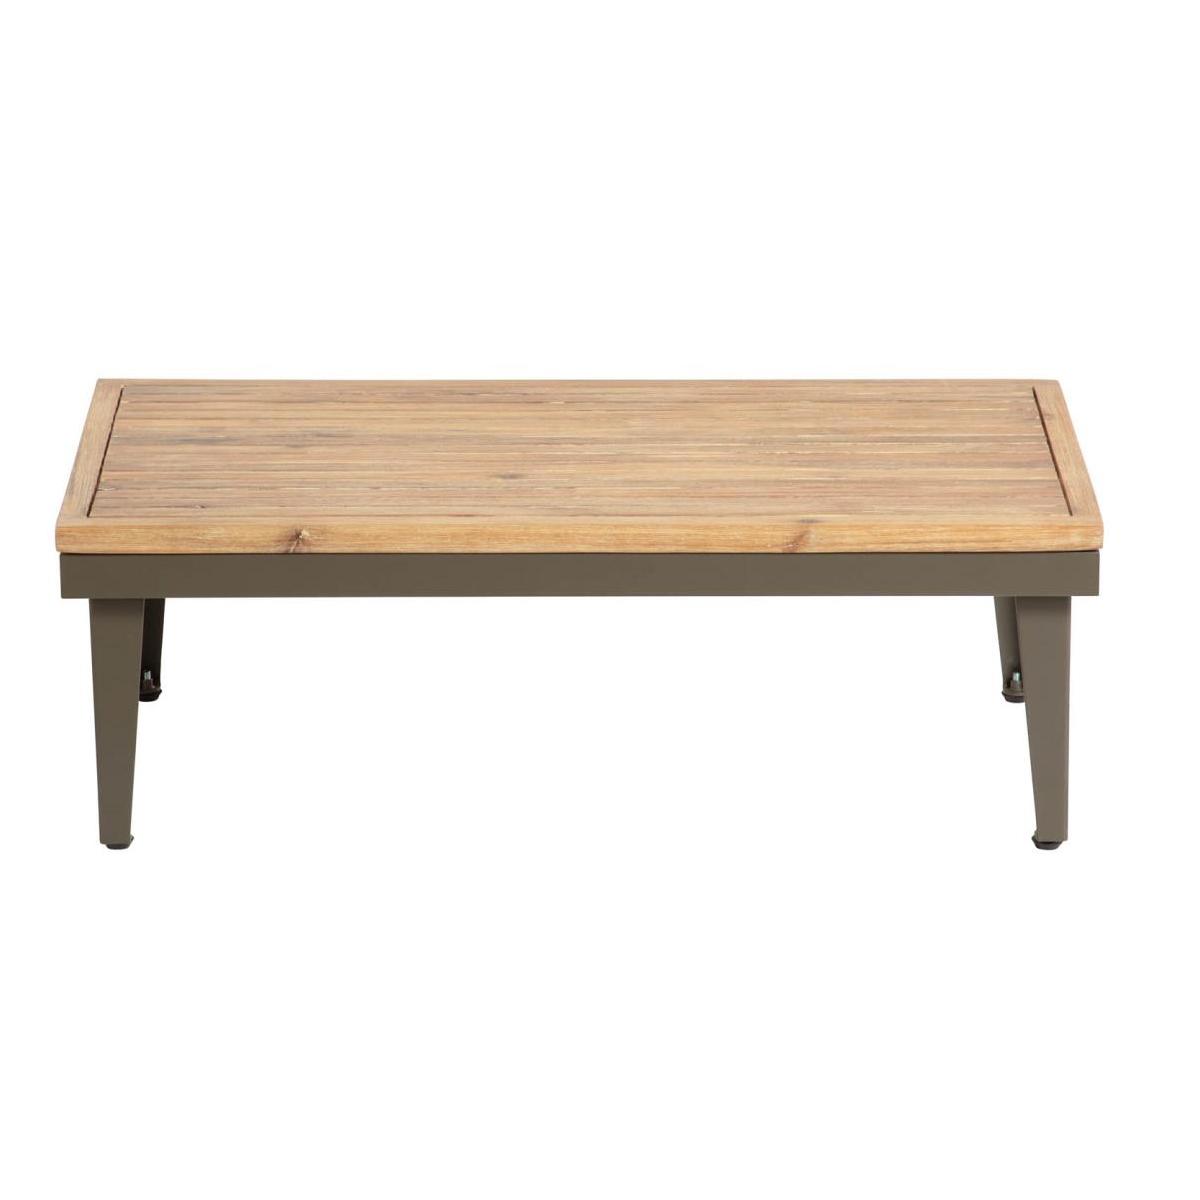 Table basse en alu et acacia - Bois - H 32 x 90 x 50 cm